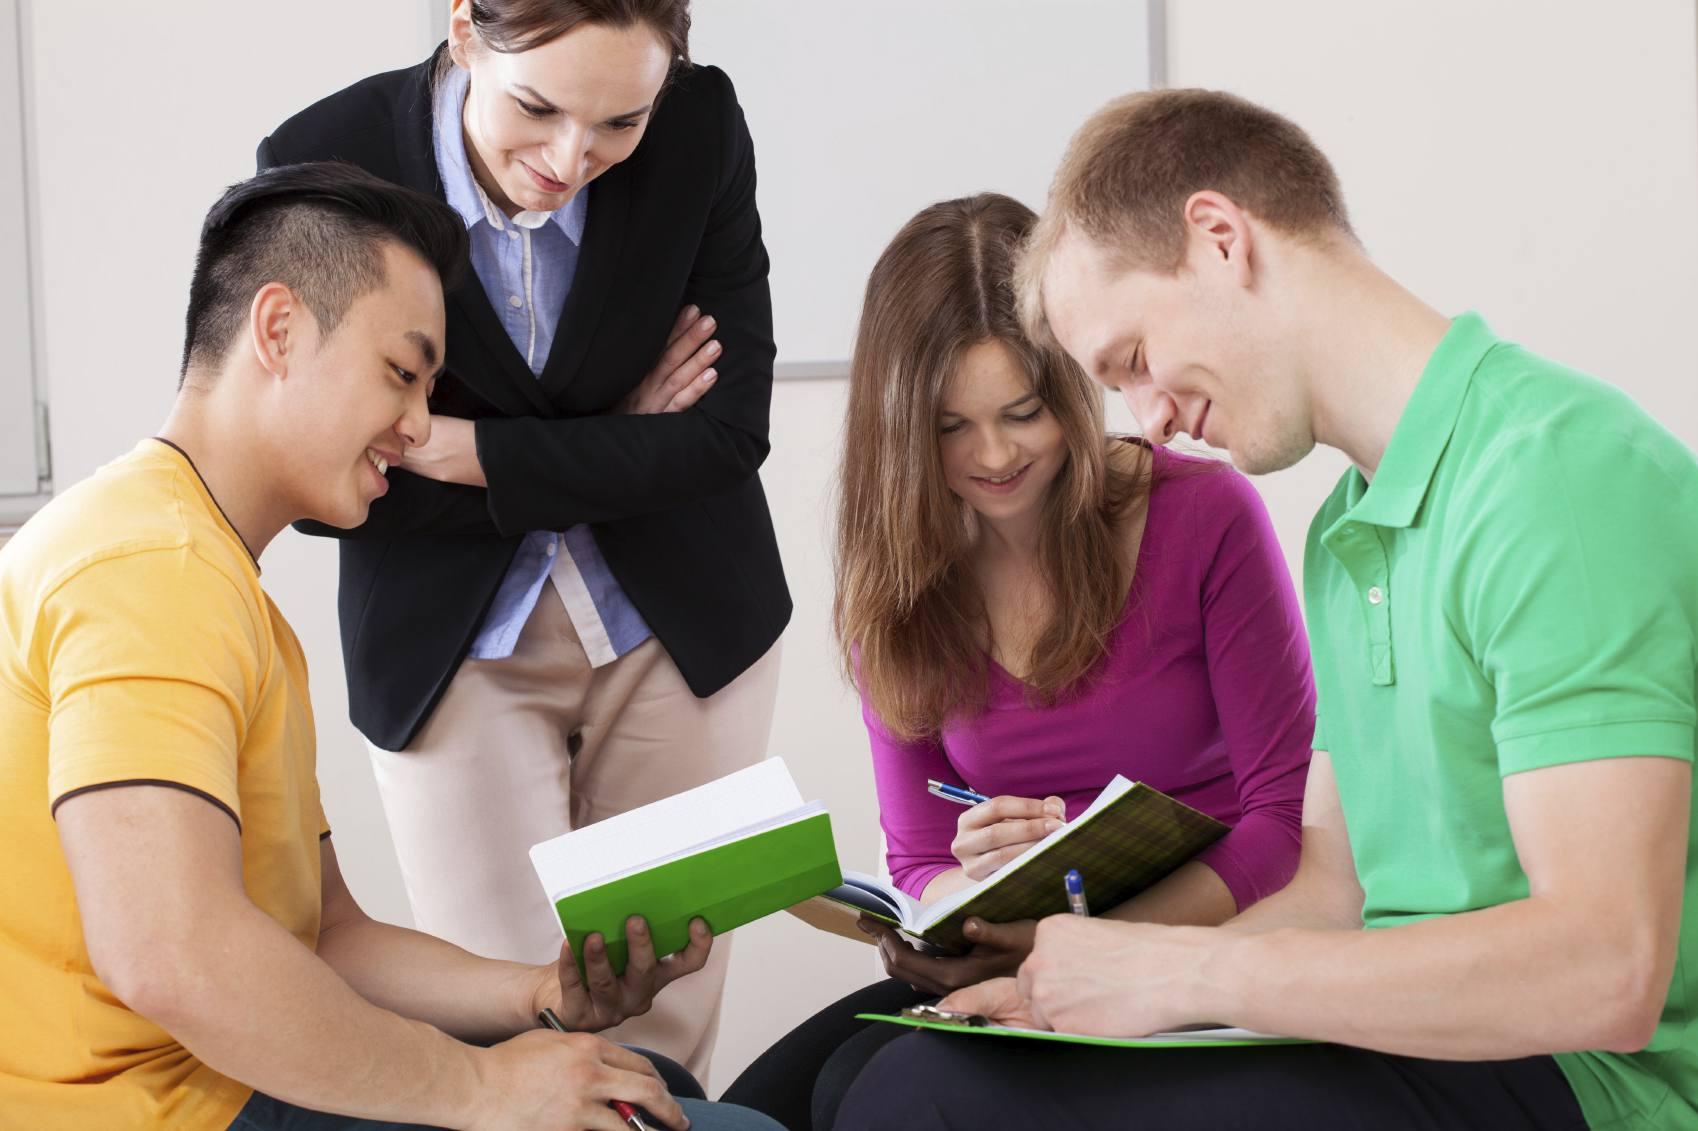 Teacher looking over shoulders of students